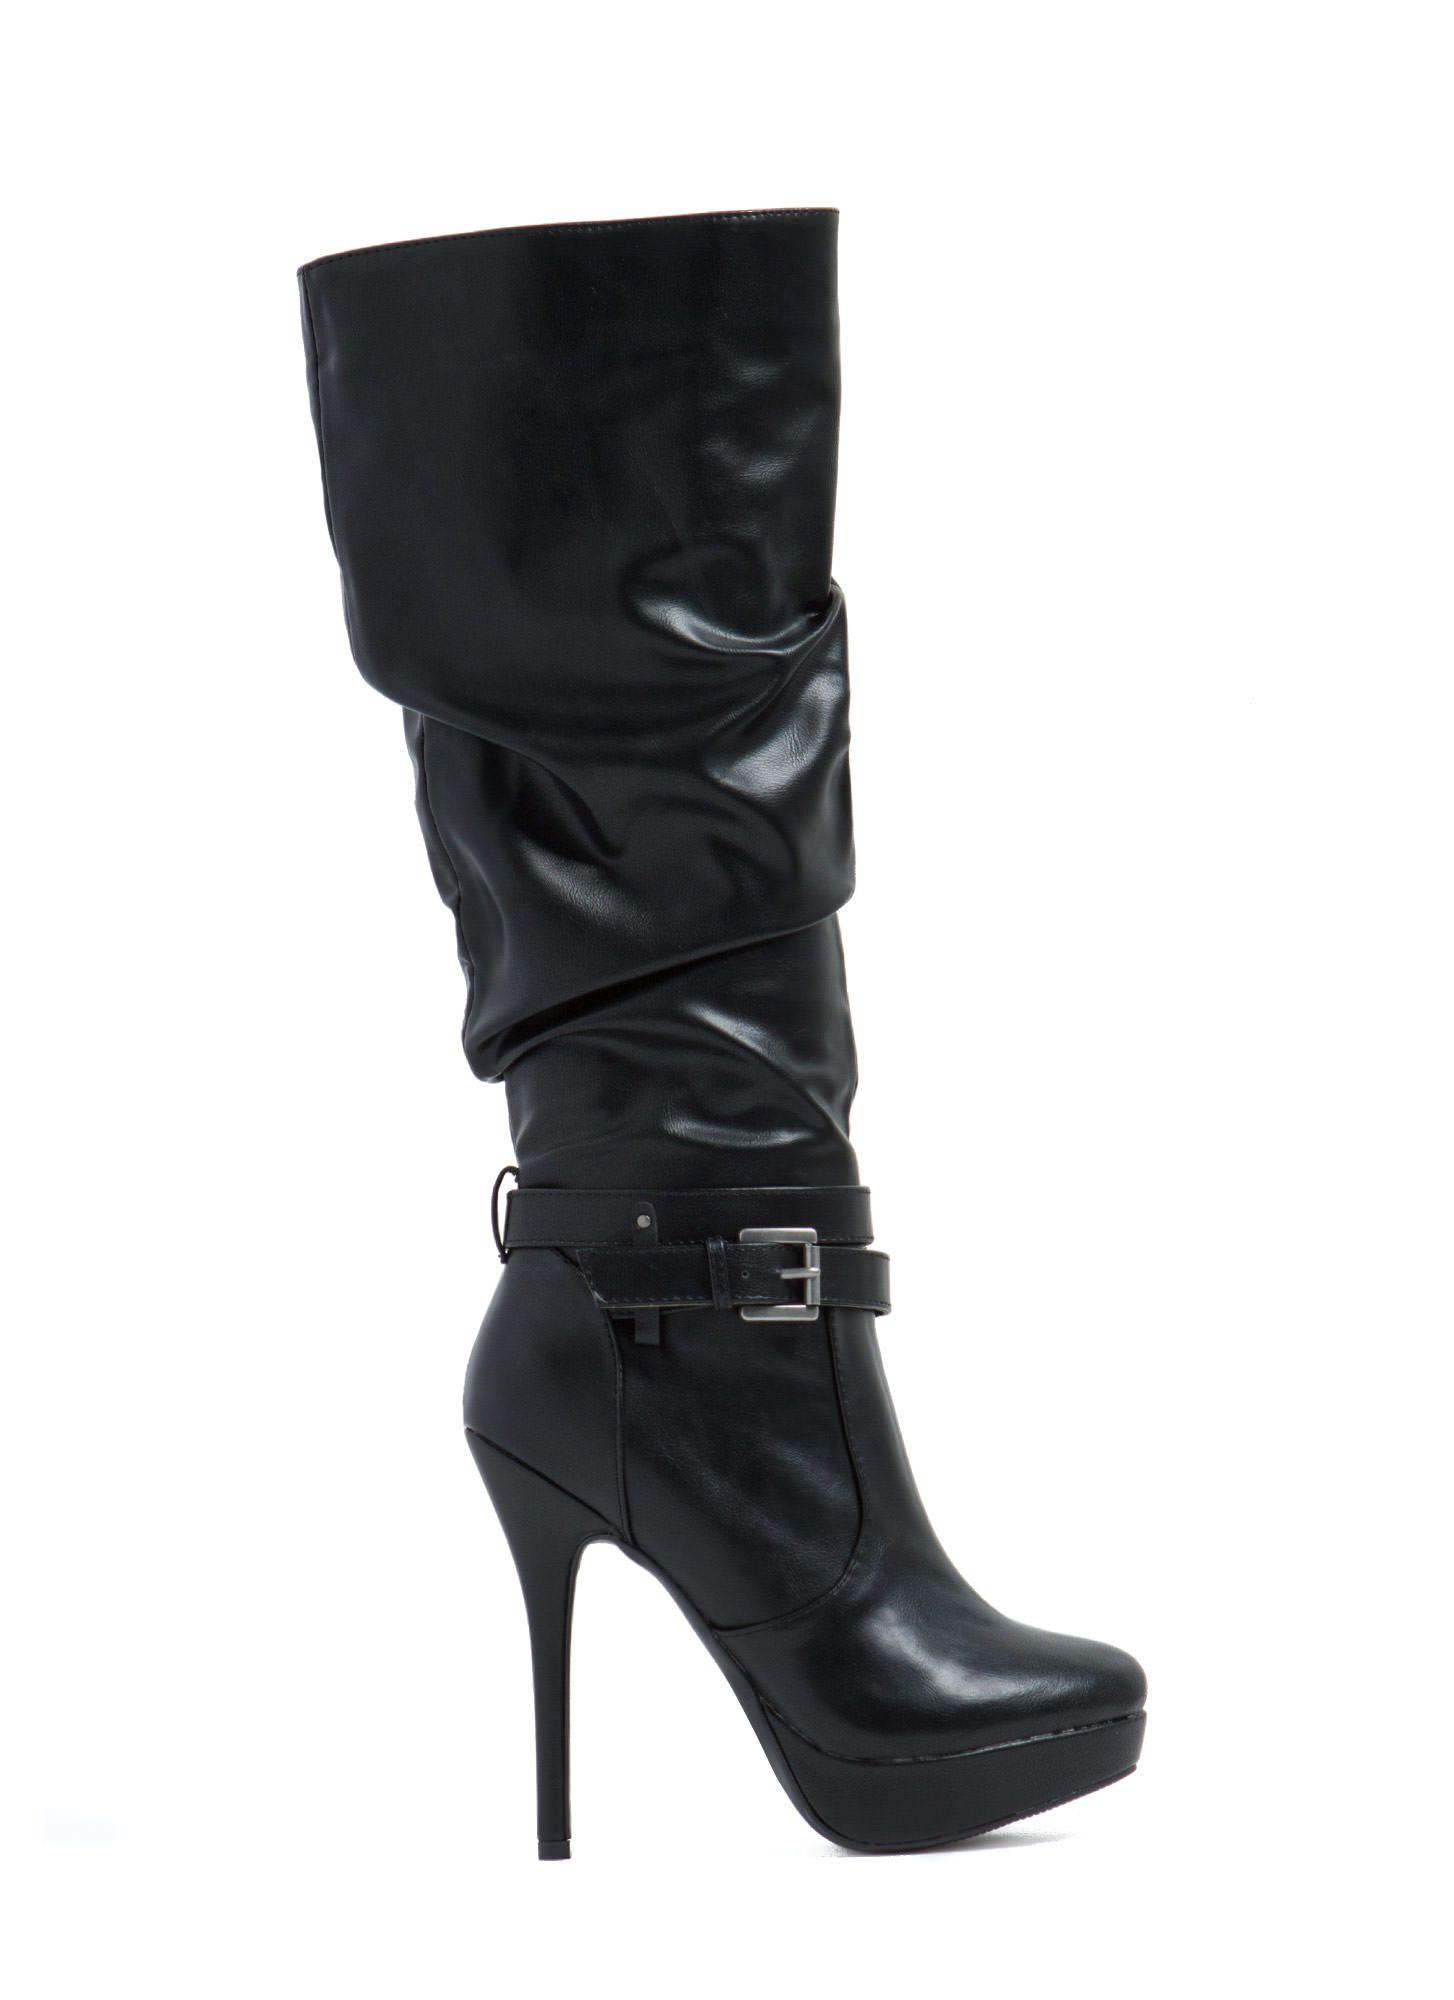 Slouch It Faux Leather Boots BLACK COGNAC - GoJane.com ...